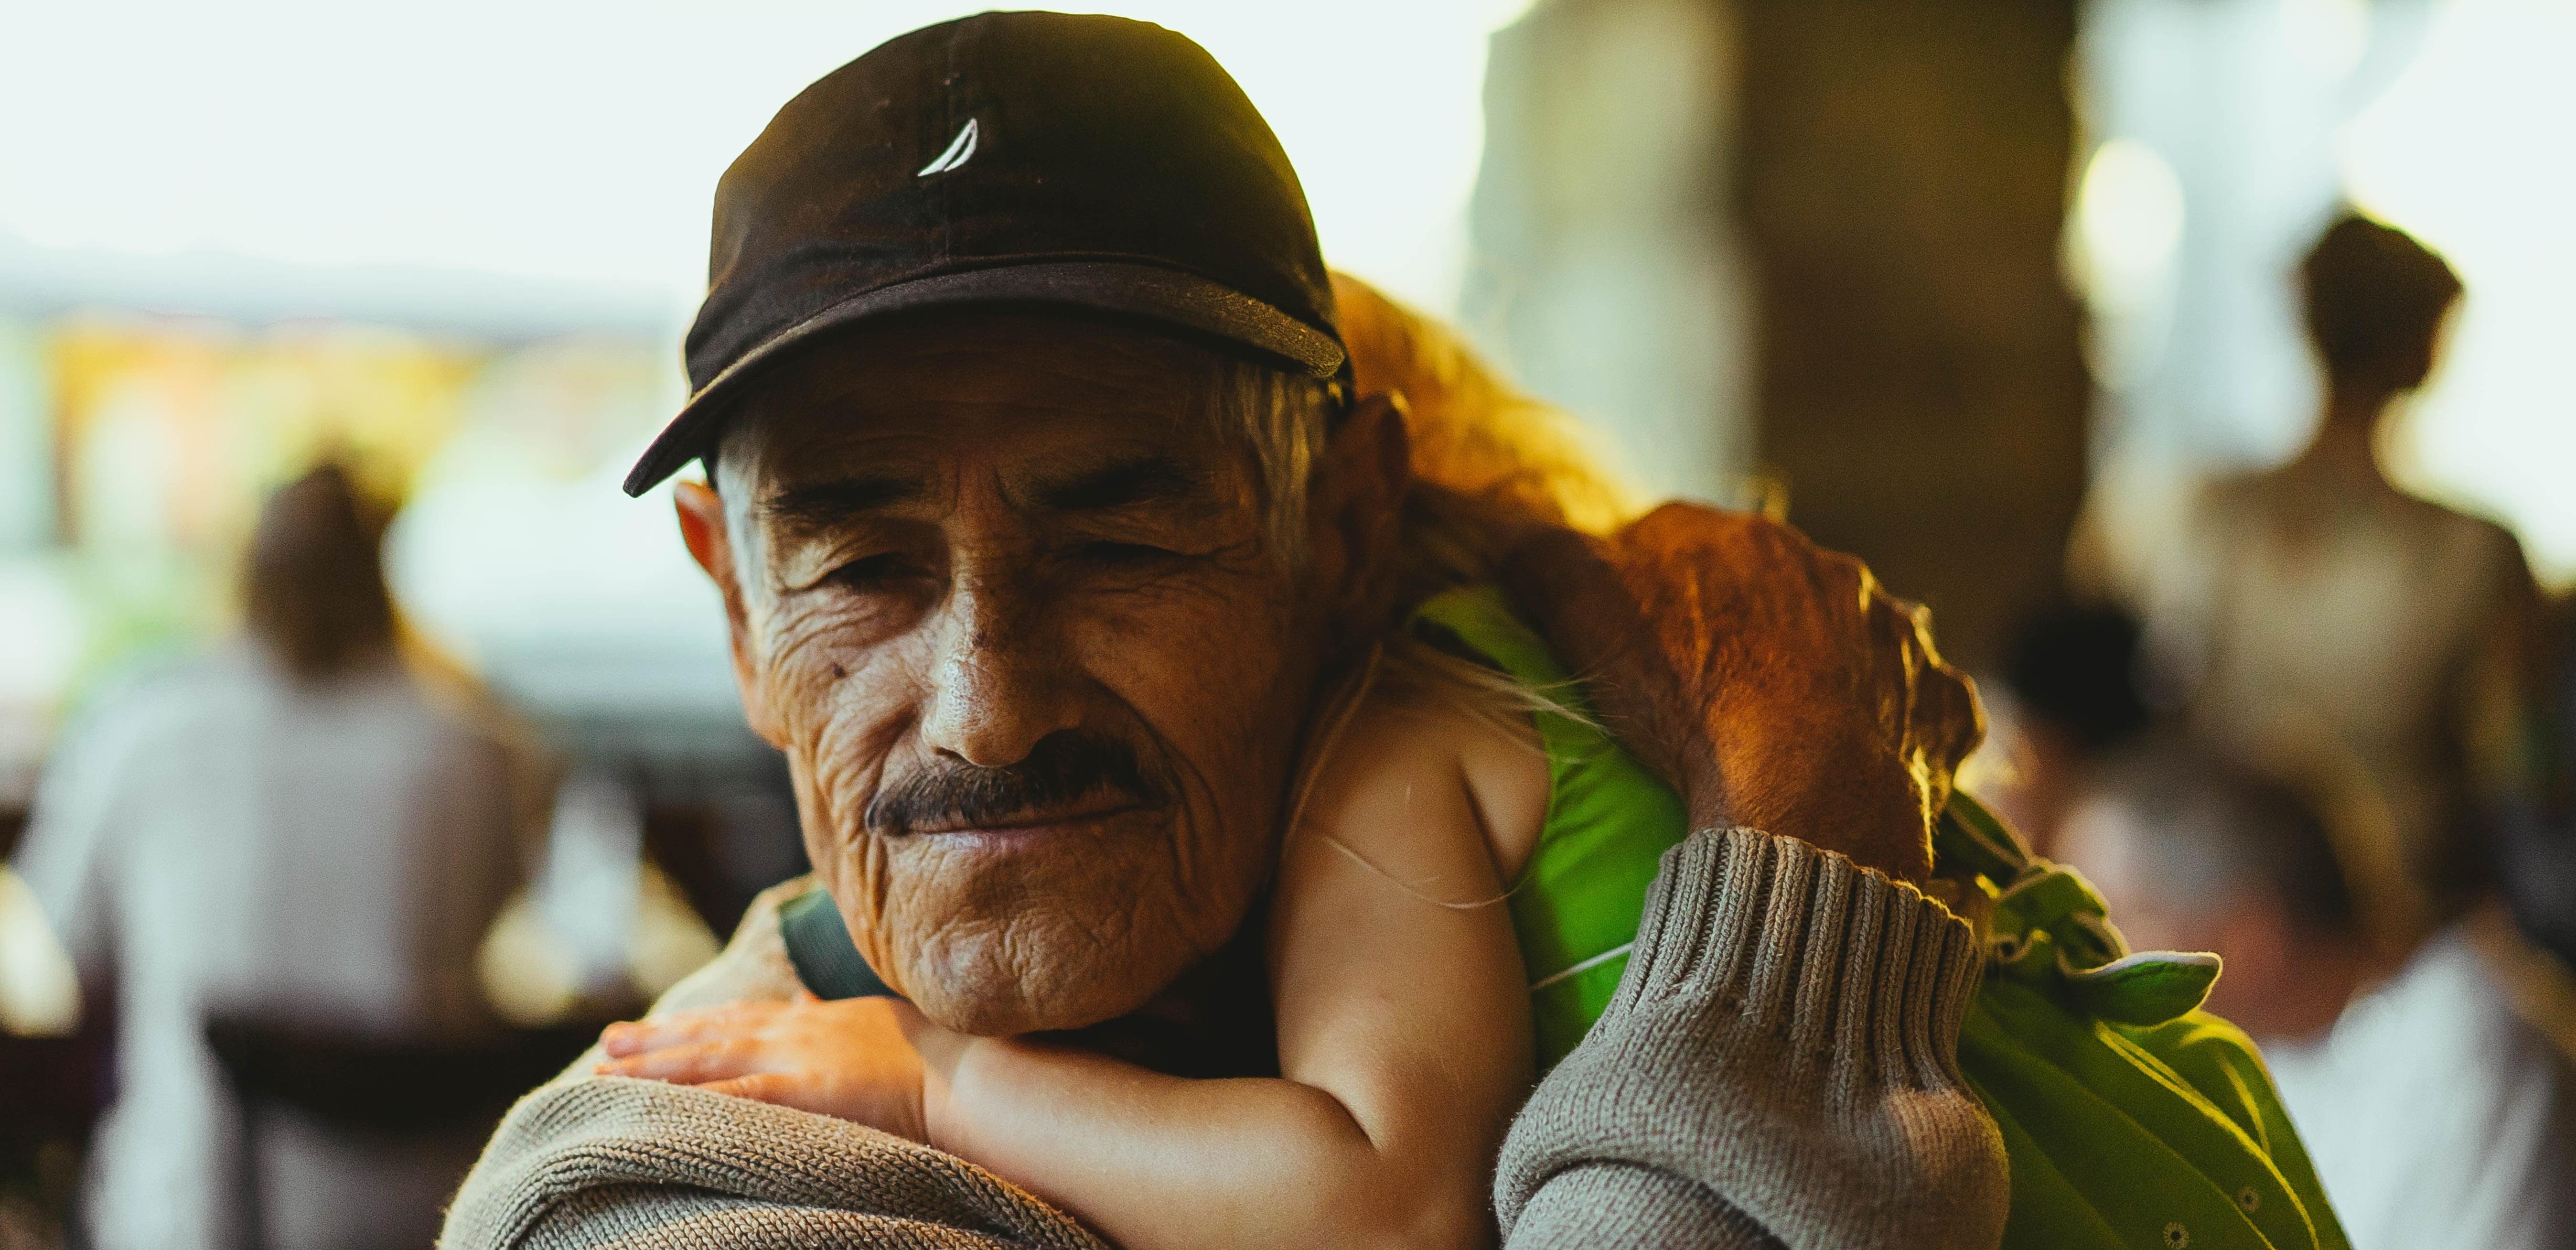 Pentru toti bunicii - nu am putea sa facem asta fara voi. Multumim! | Demamici.ro